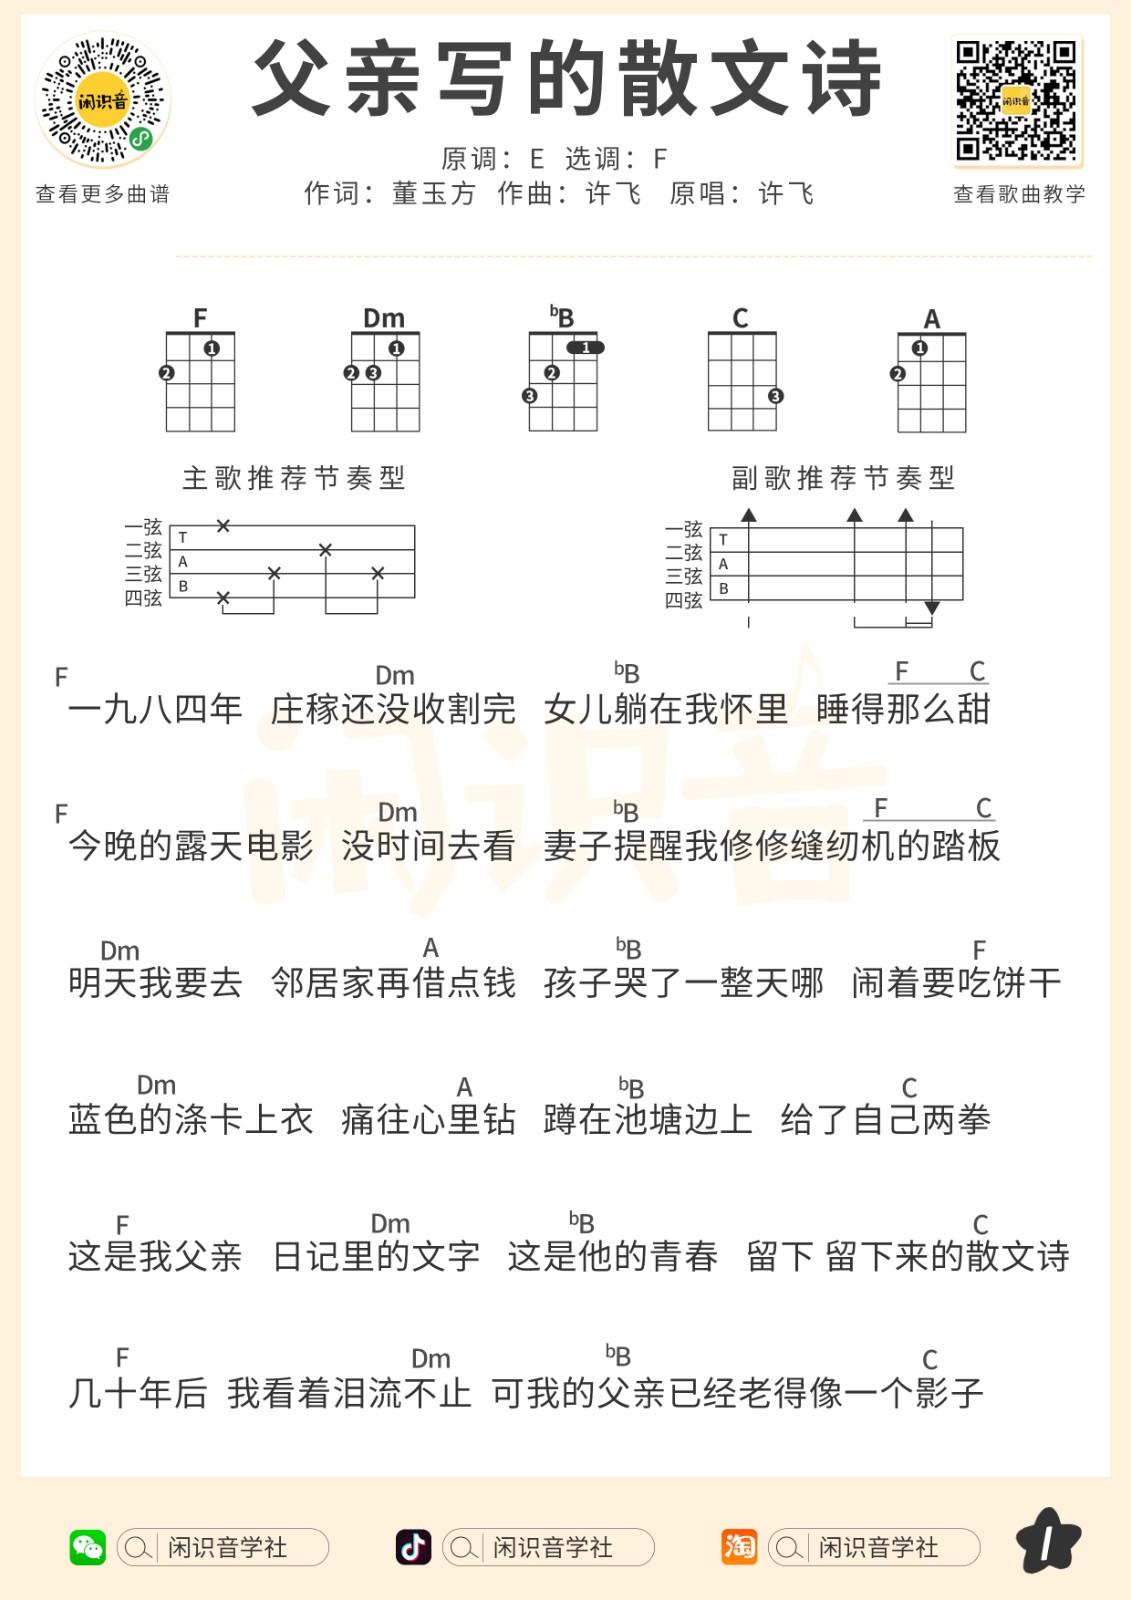 《父亲写的散文诗》尤克里里曲谱-C大调音乐网